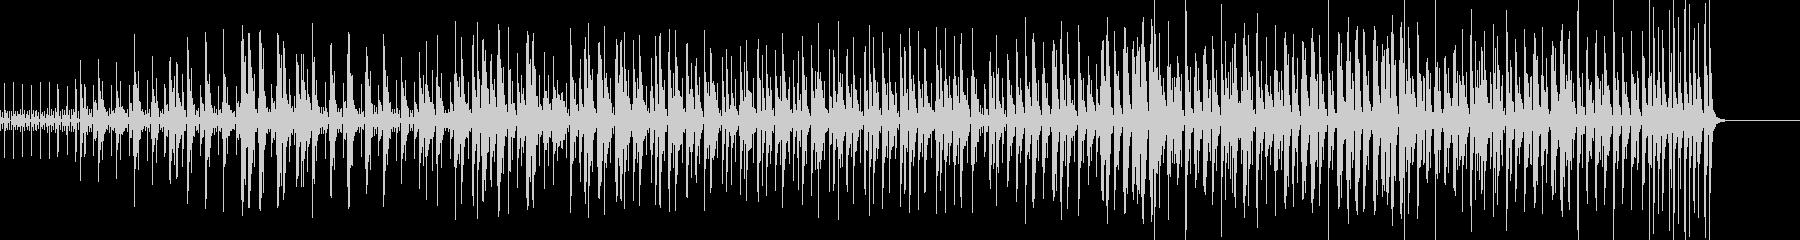 ロビーをイメージした曲。の未再生の波形